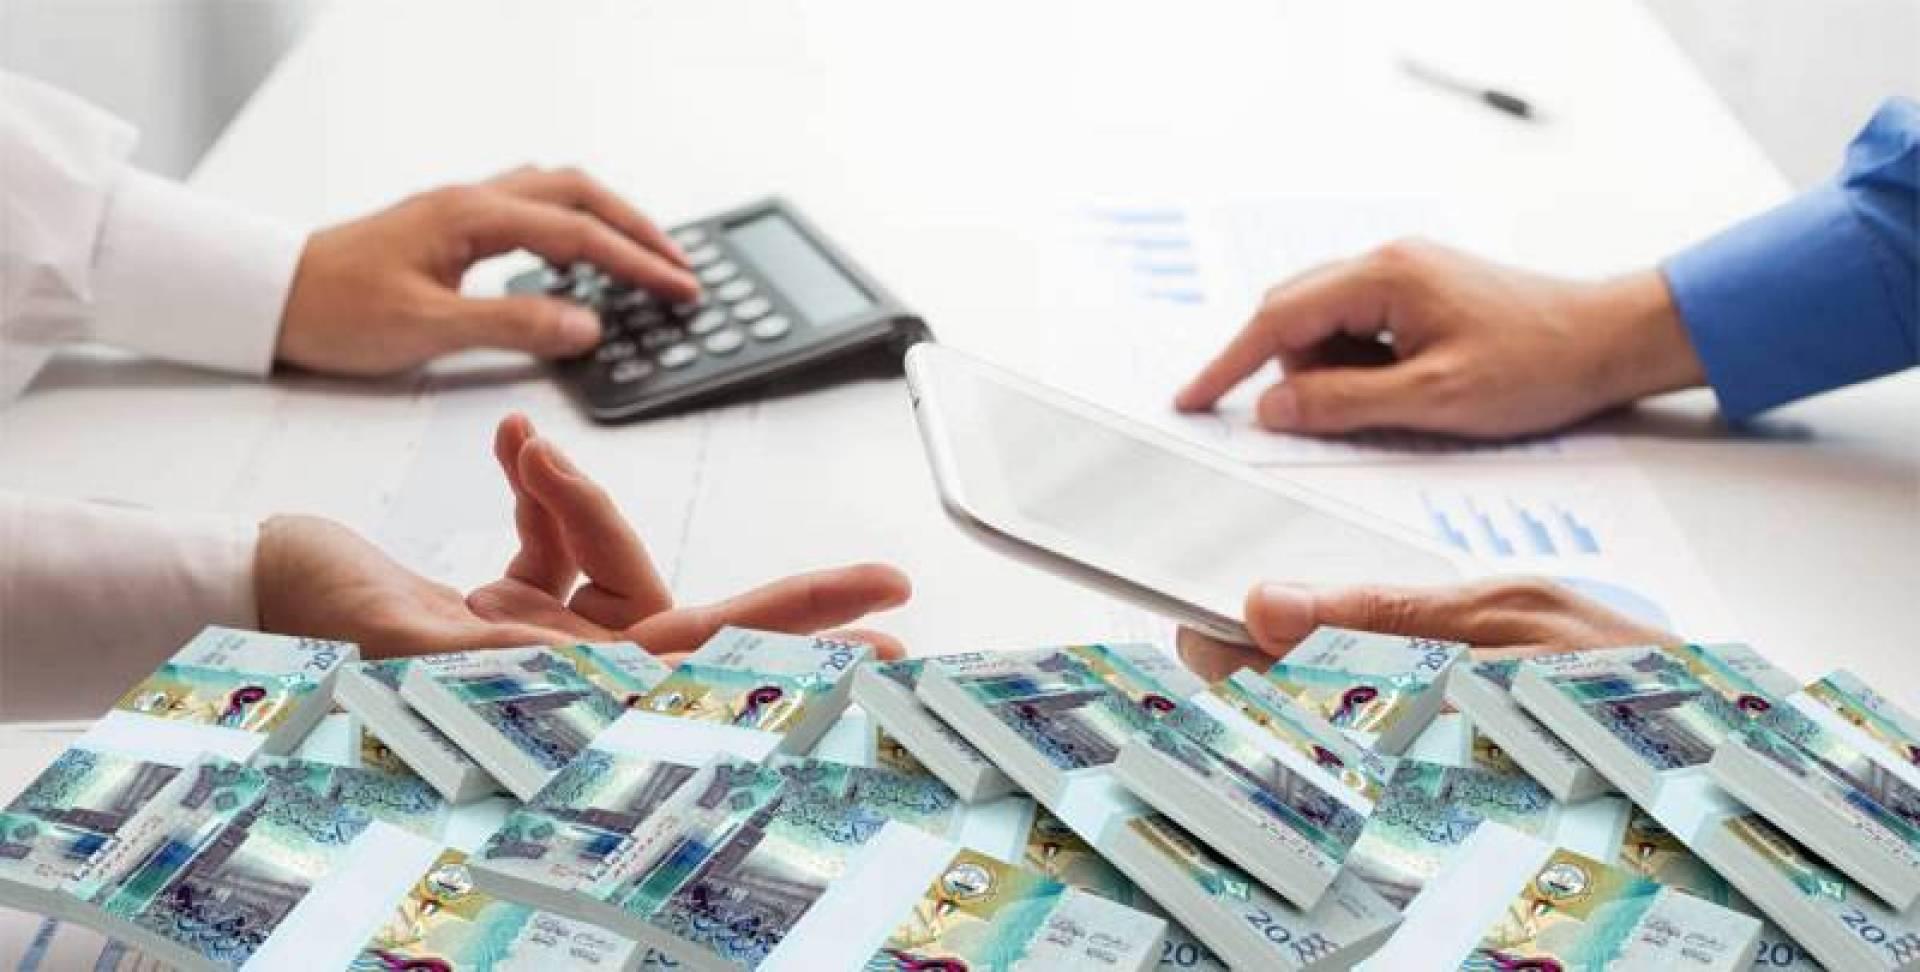 قرض بنك الرياض كم راتب